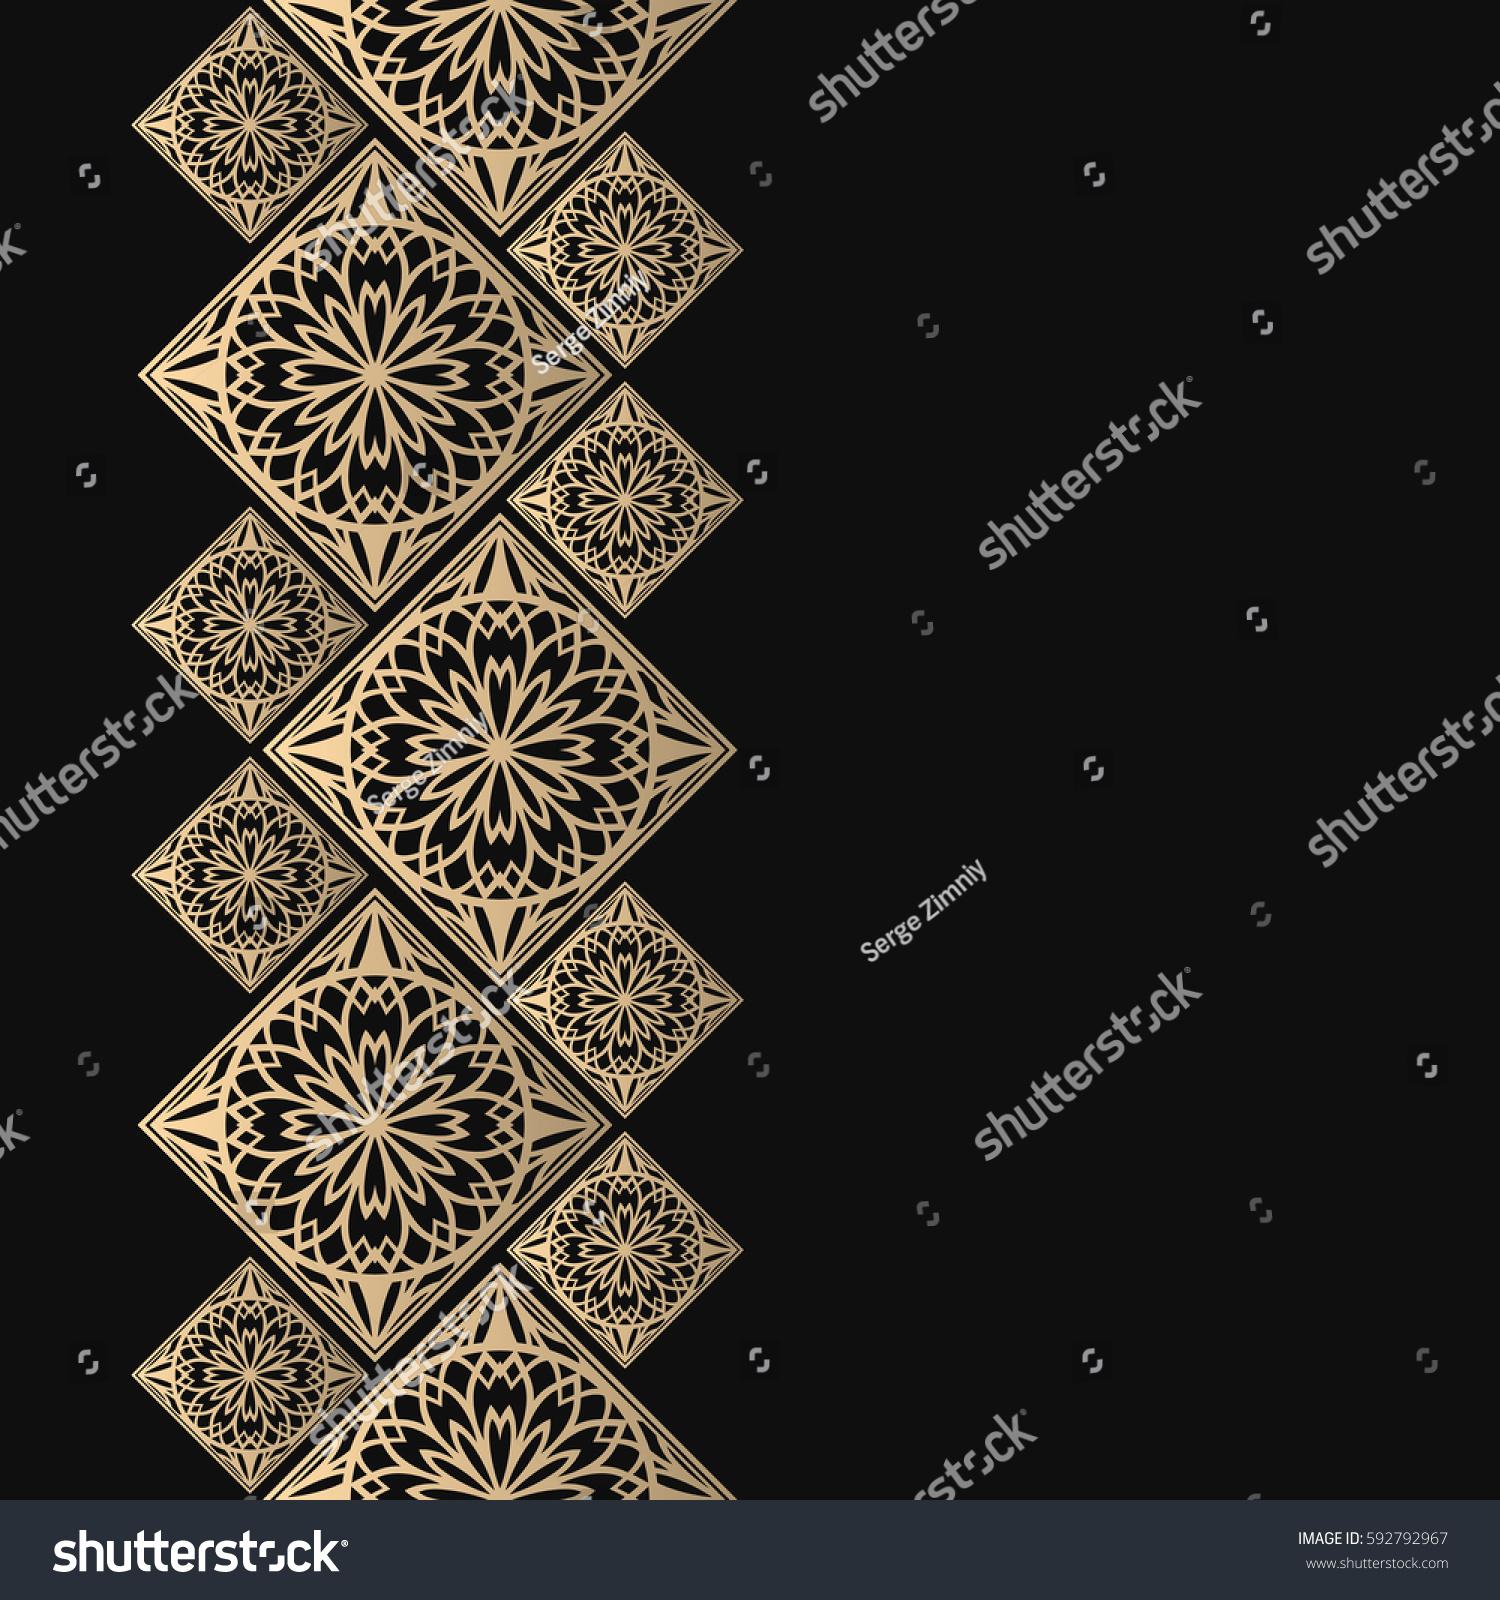 Golden Frame Oriental Style Seamless Border Stock Photo (Photo ...